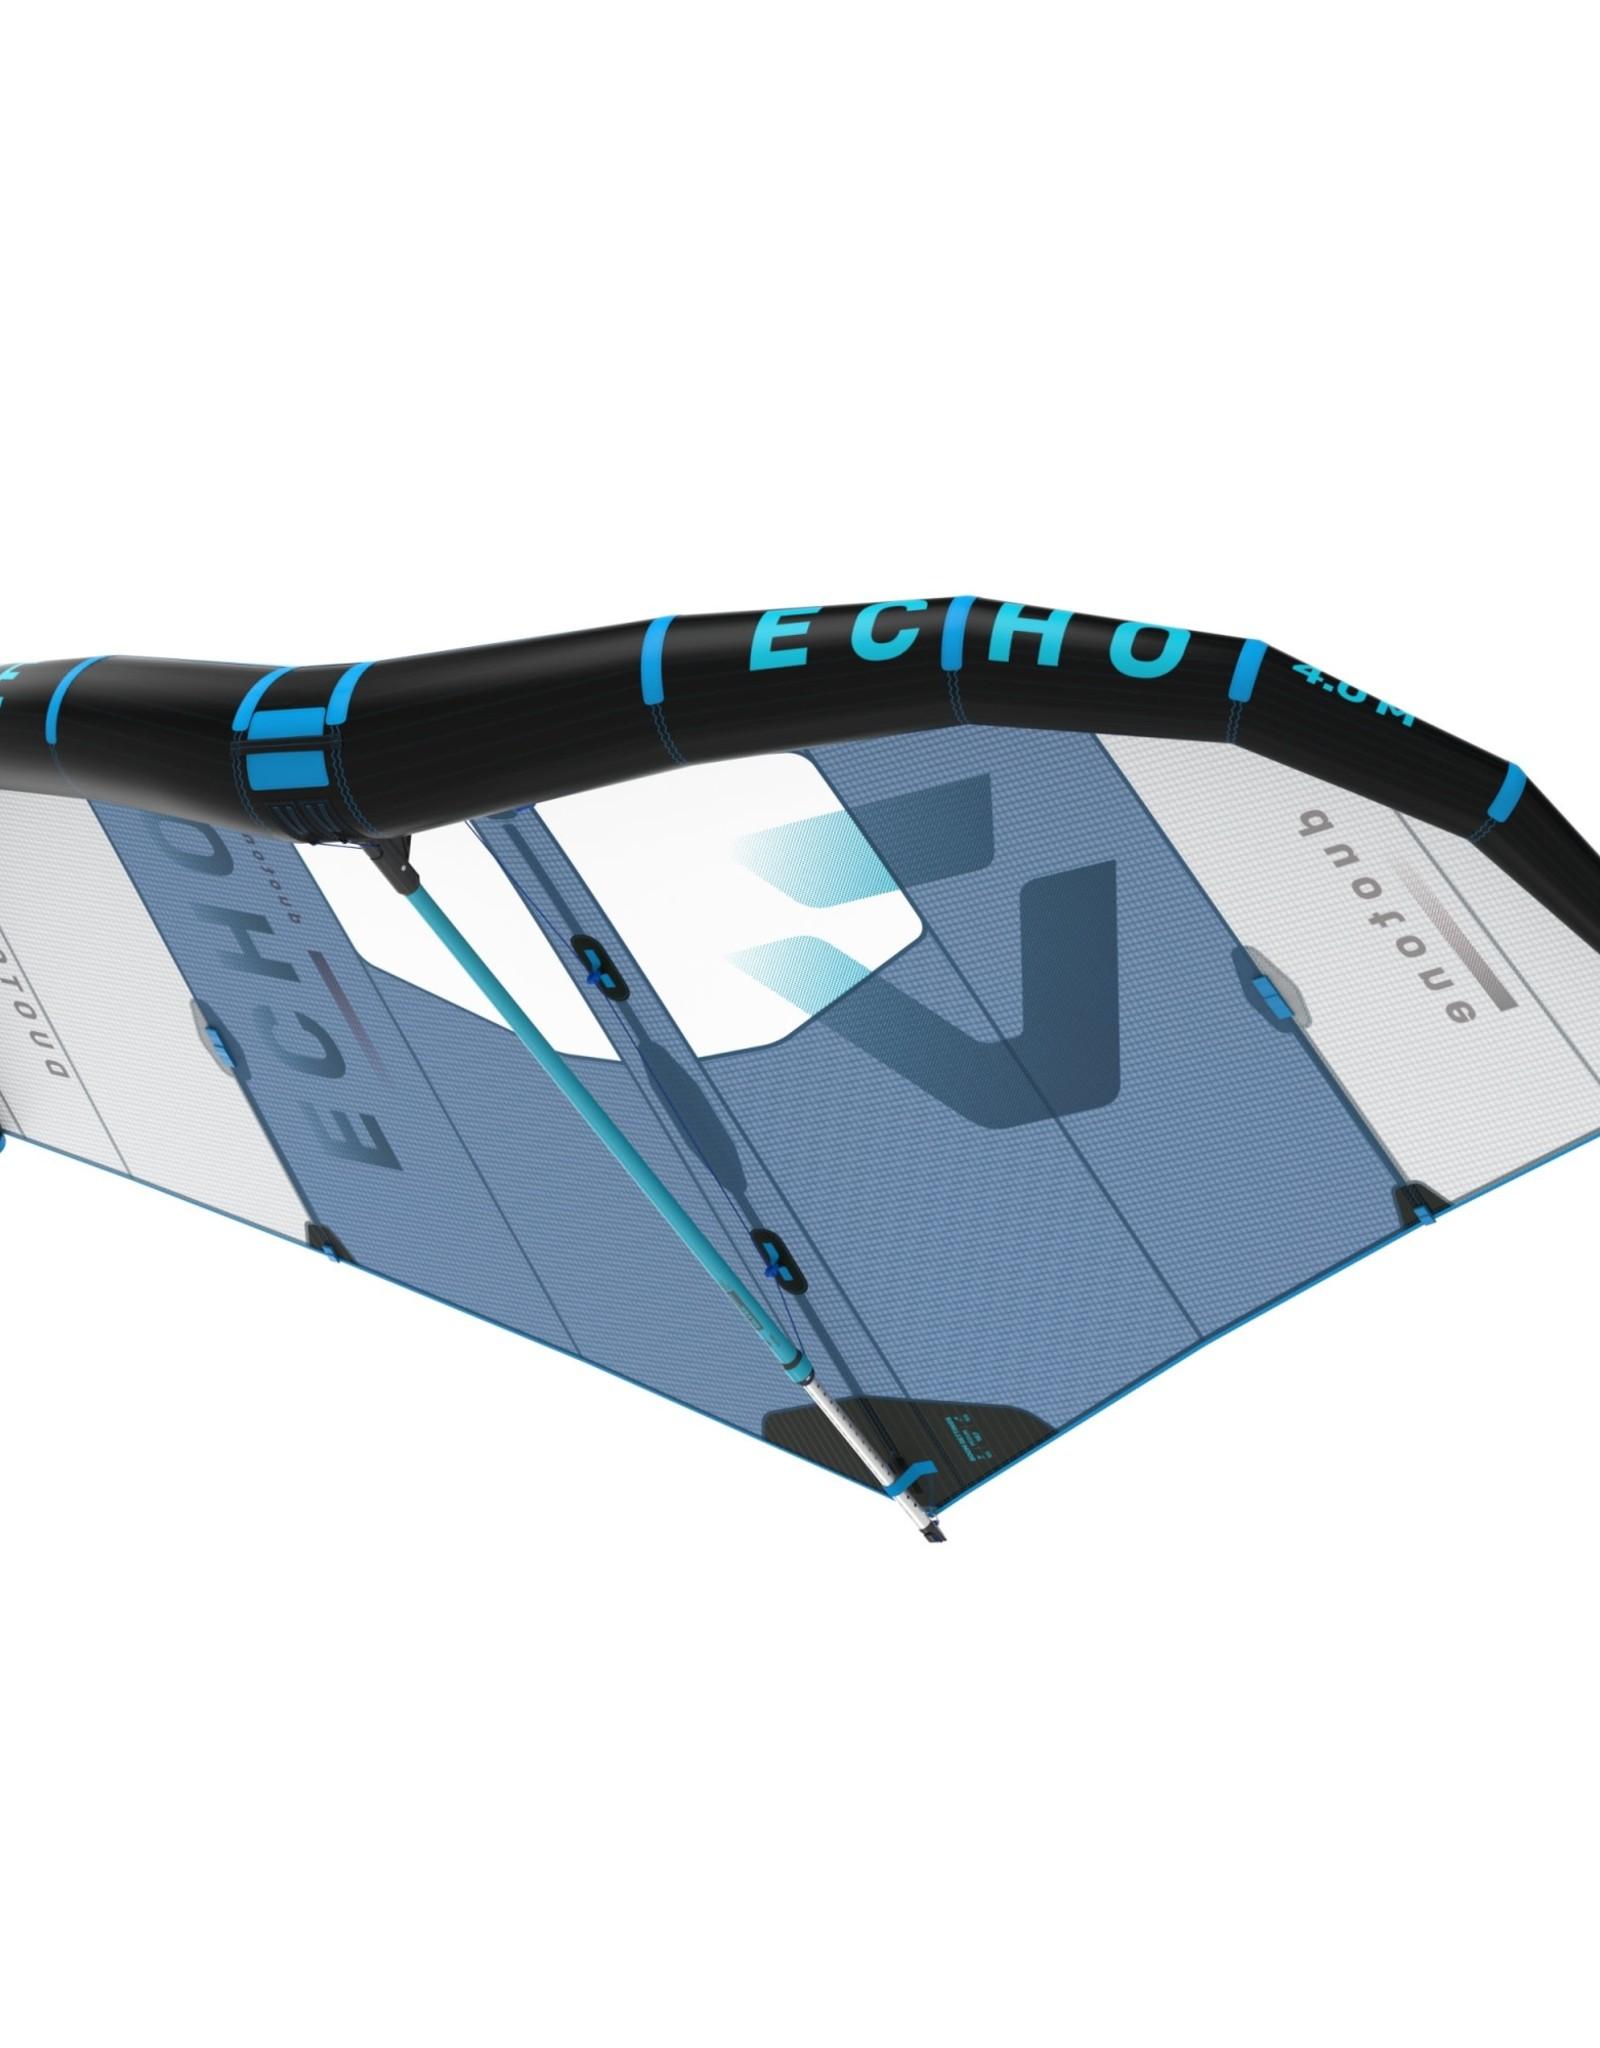 Duotone Duotone ECHO 6m grey/blue